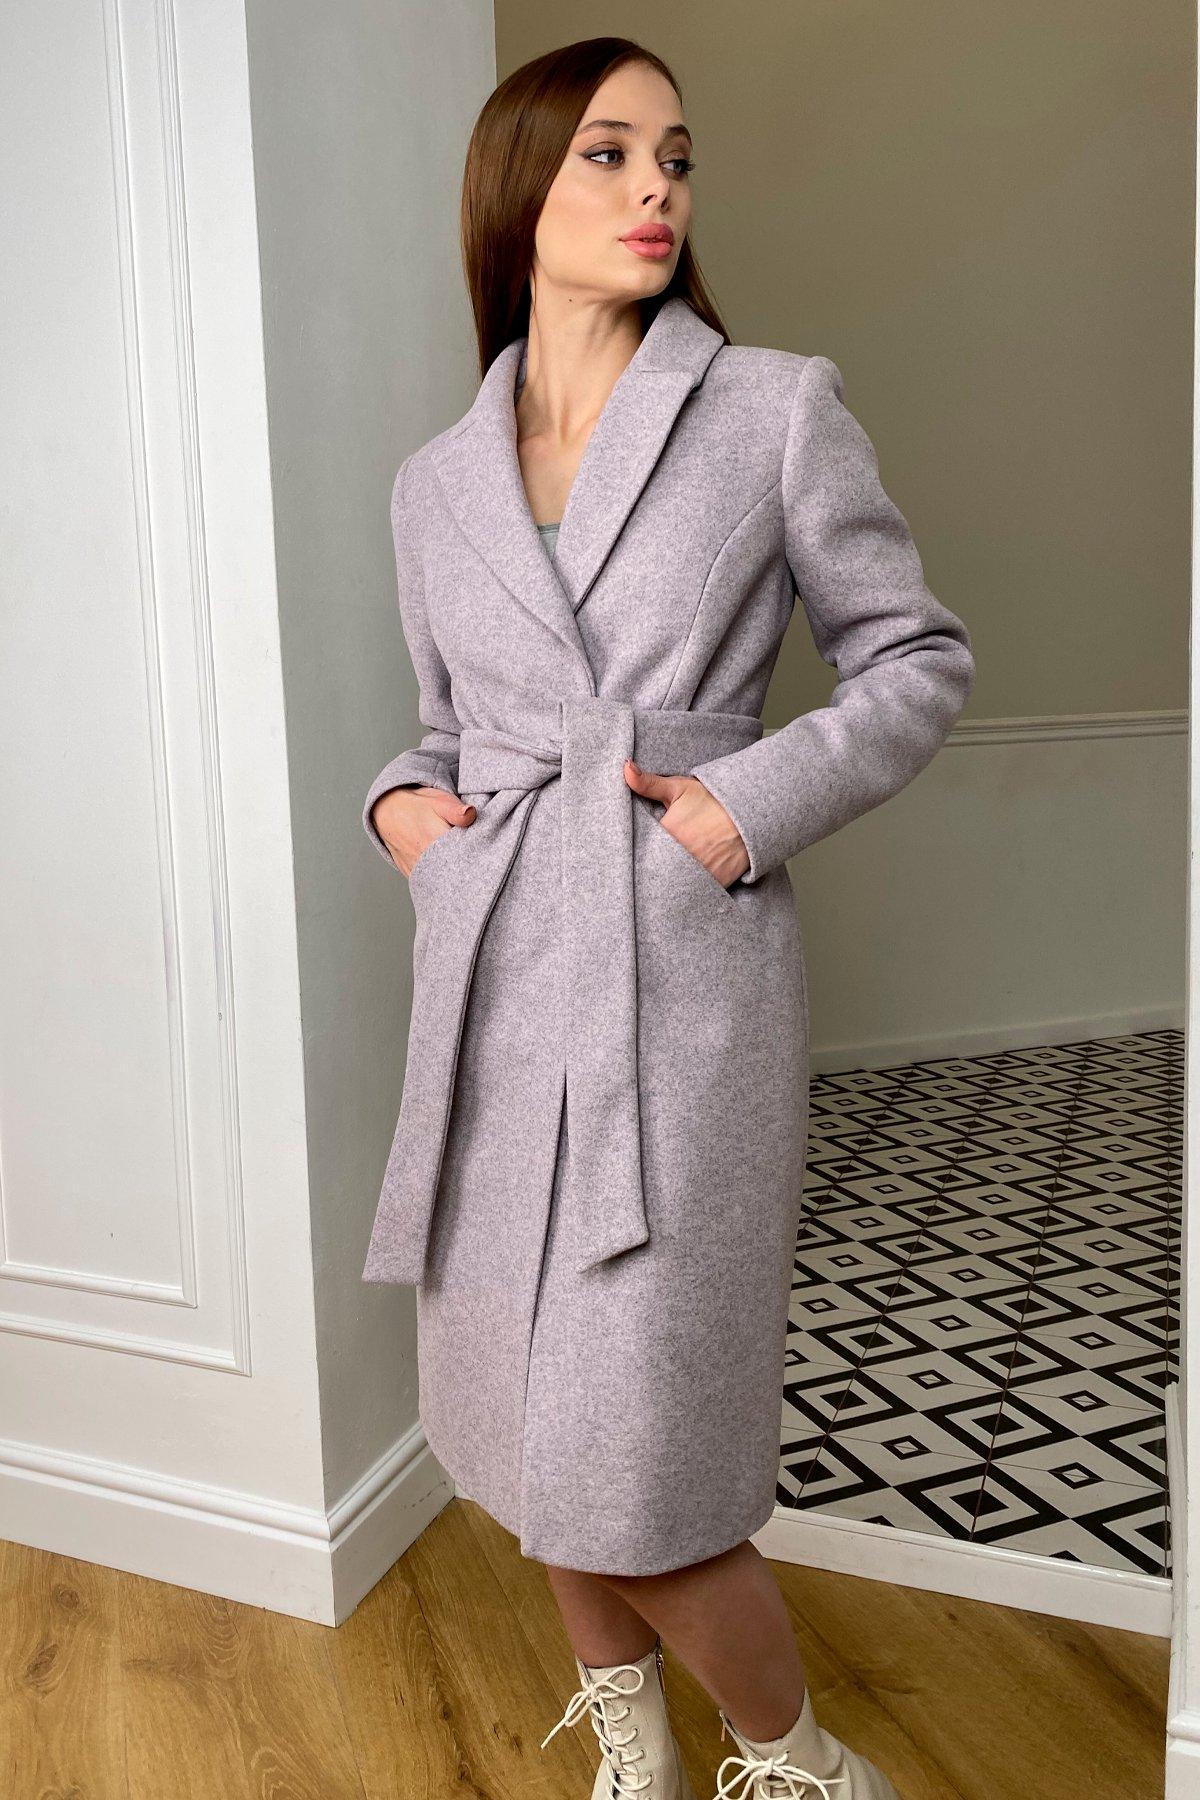 Пальто зима Мехико 8273 АРТ. 44381 Цвет: Серо-розовый 46 - фото 6, интернет магазин tm-modus.ru